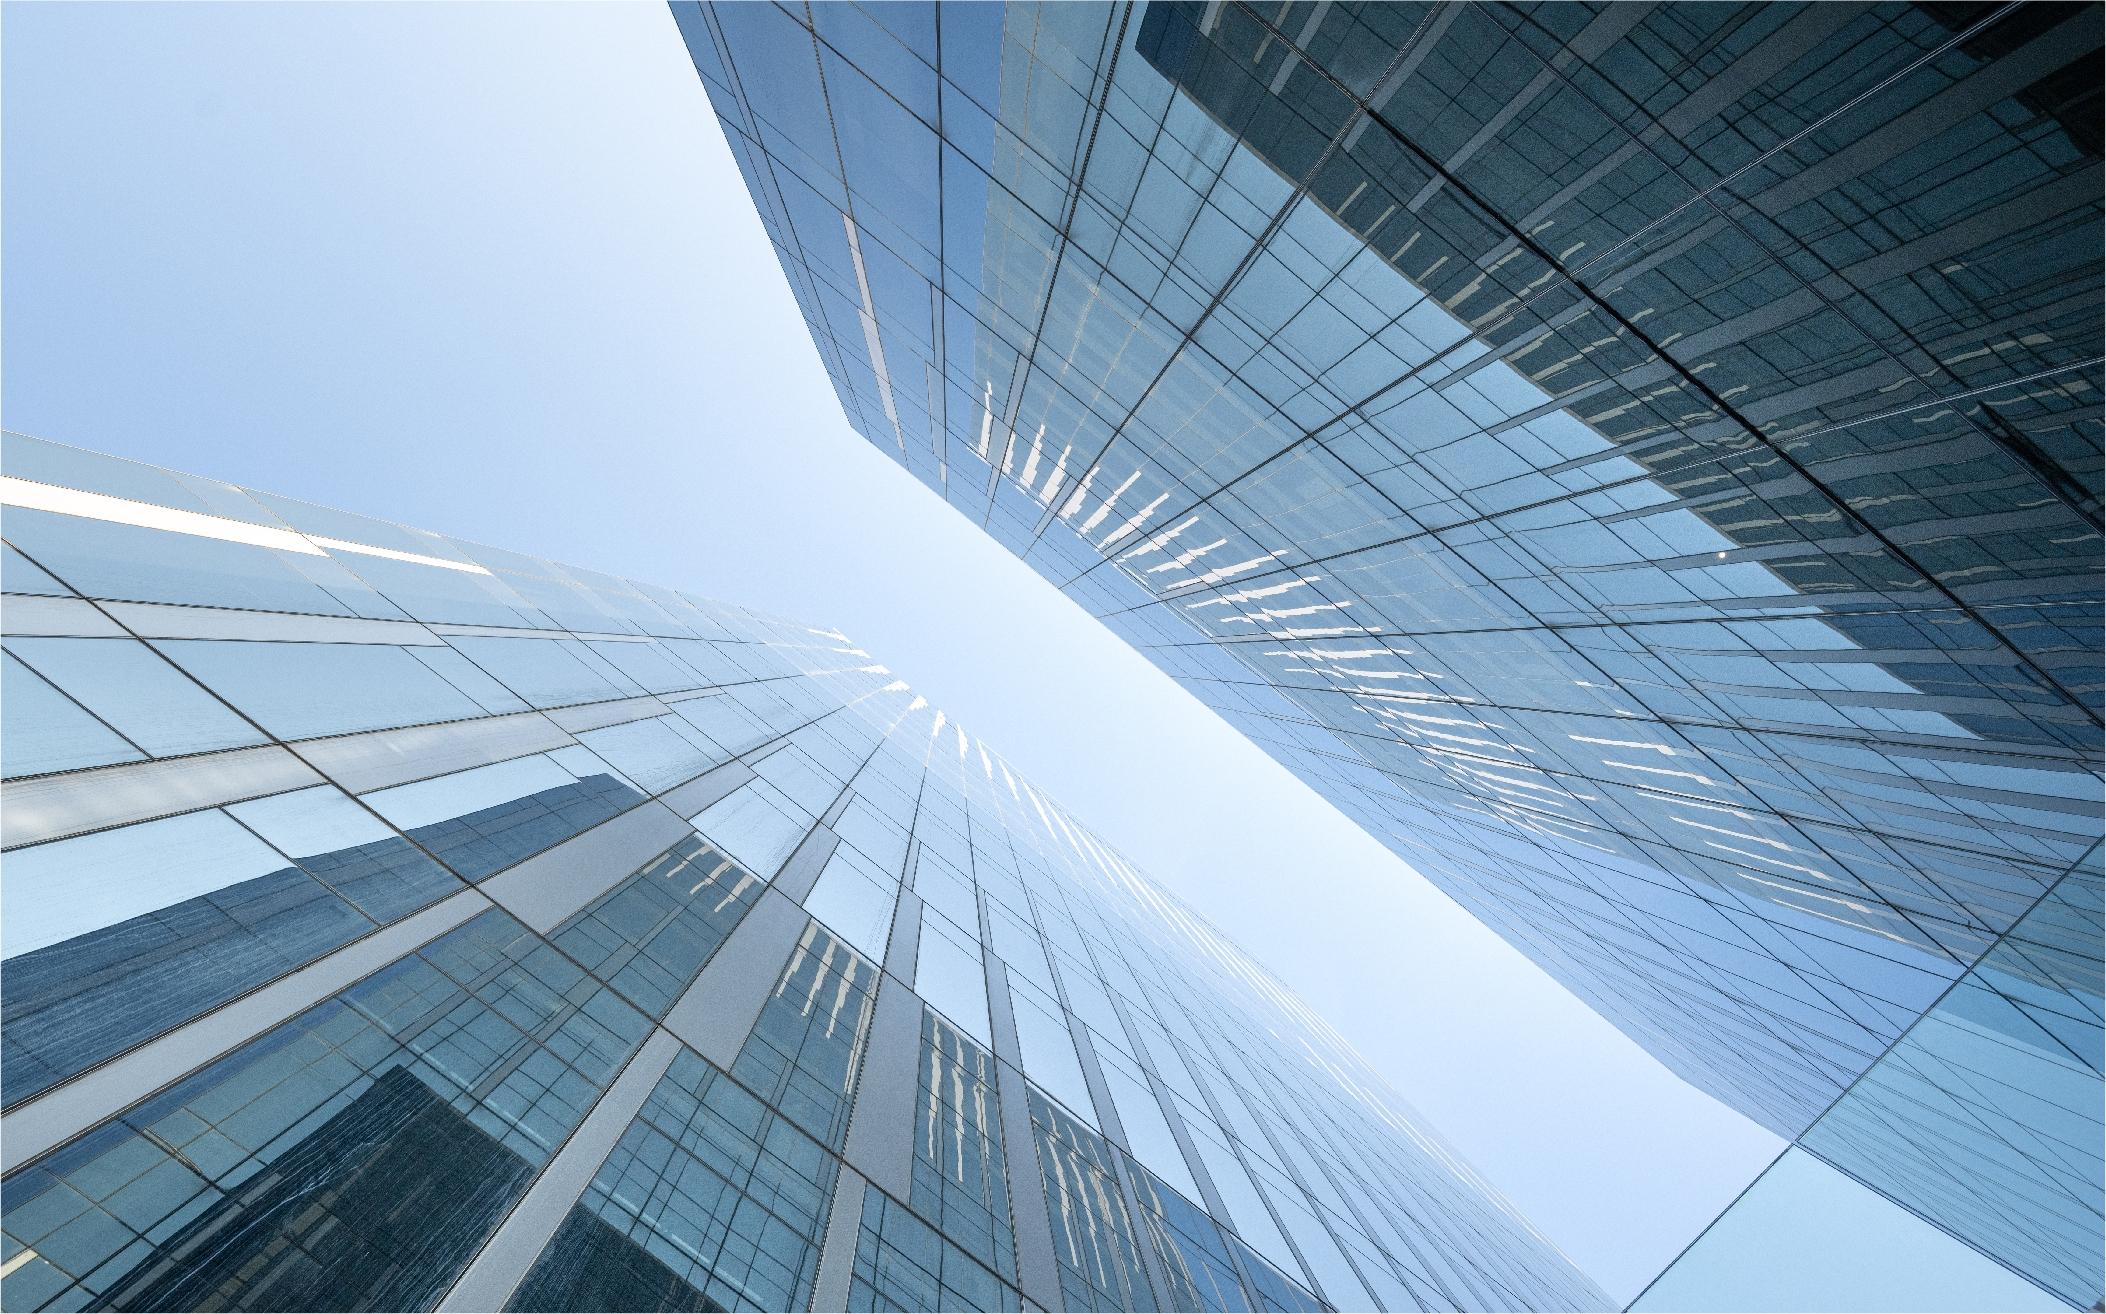 4 กลยุทธ์การบริหารองค์กร RS ยุคใหม่ สู่ความสำเร็จที่ยั่งยืน